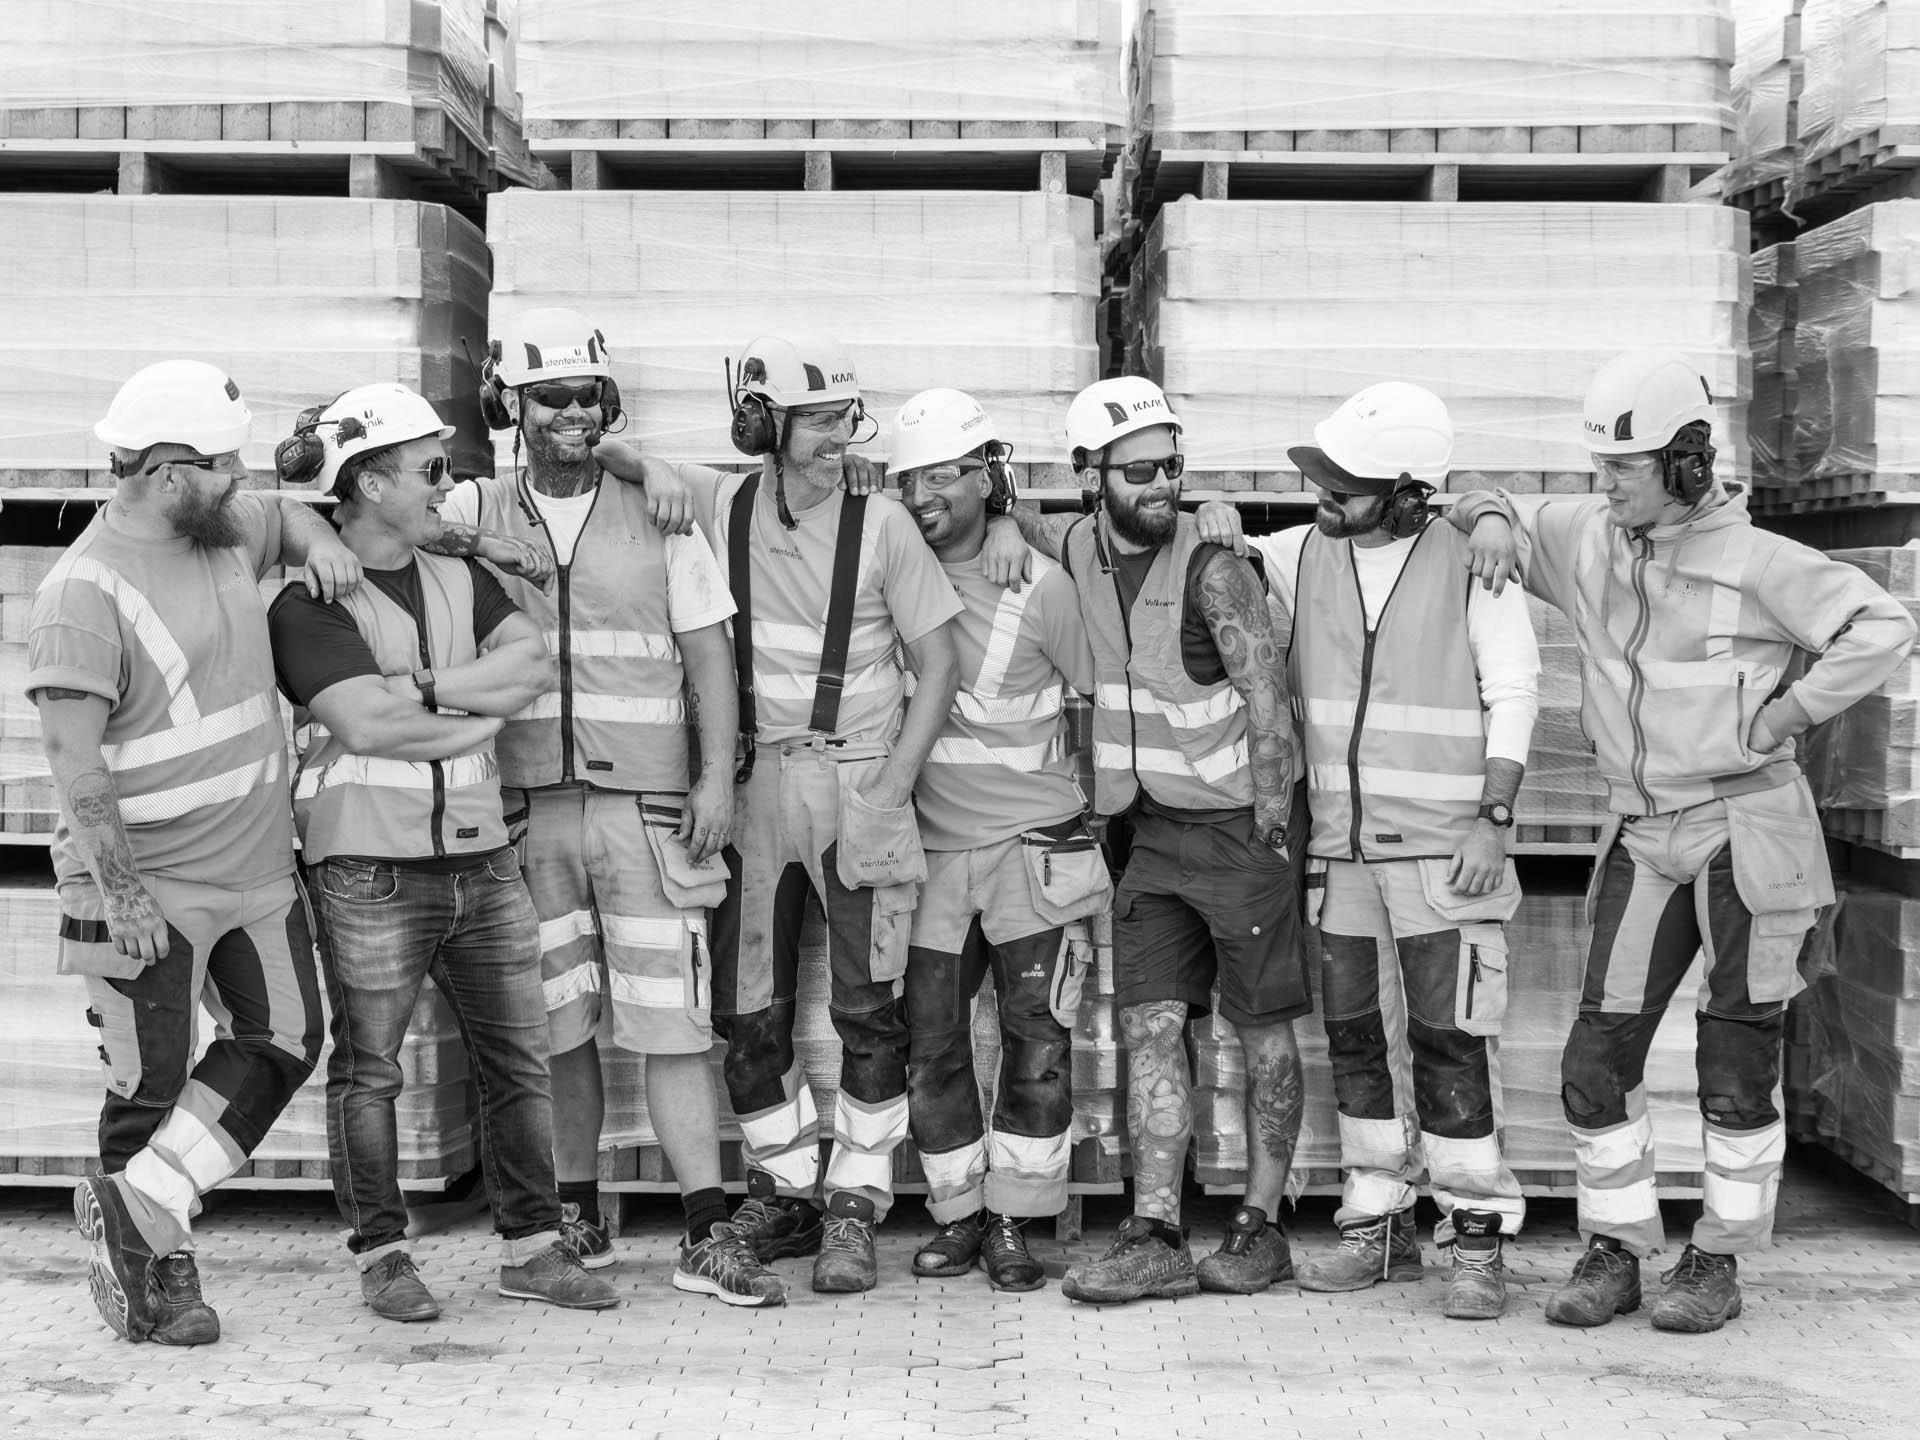 En del av gänget som tar svenskt rekord i stenläggning